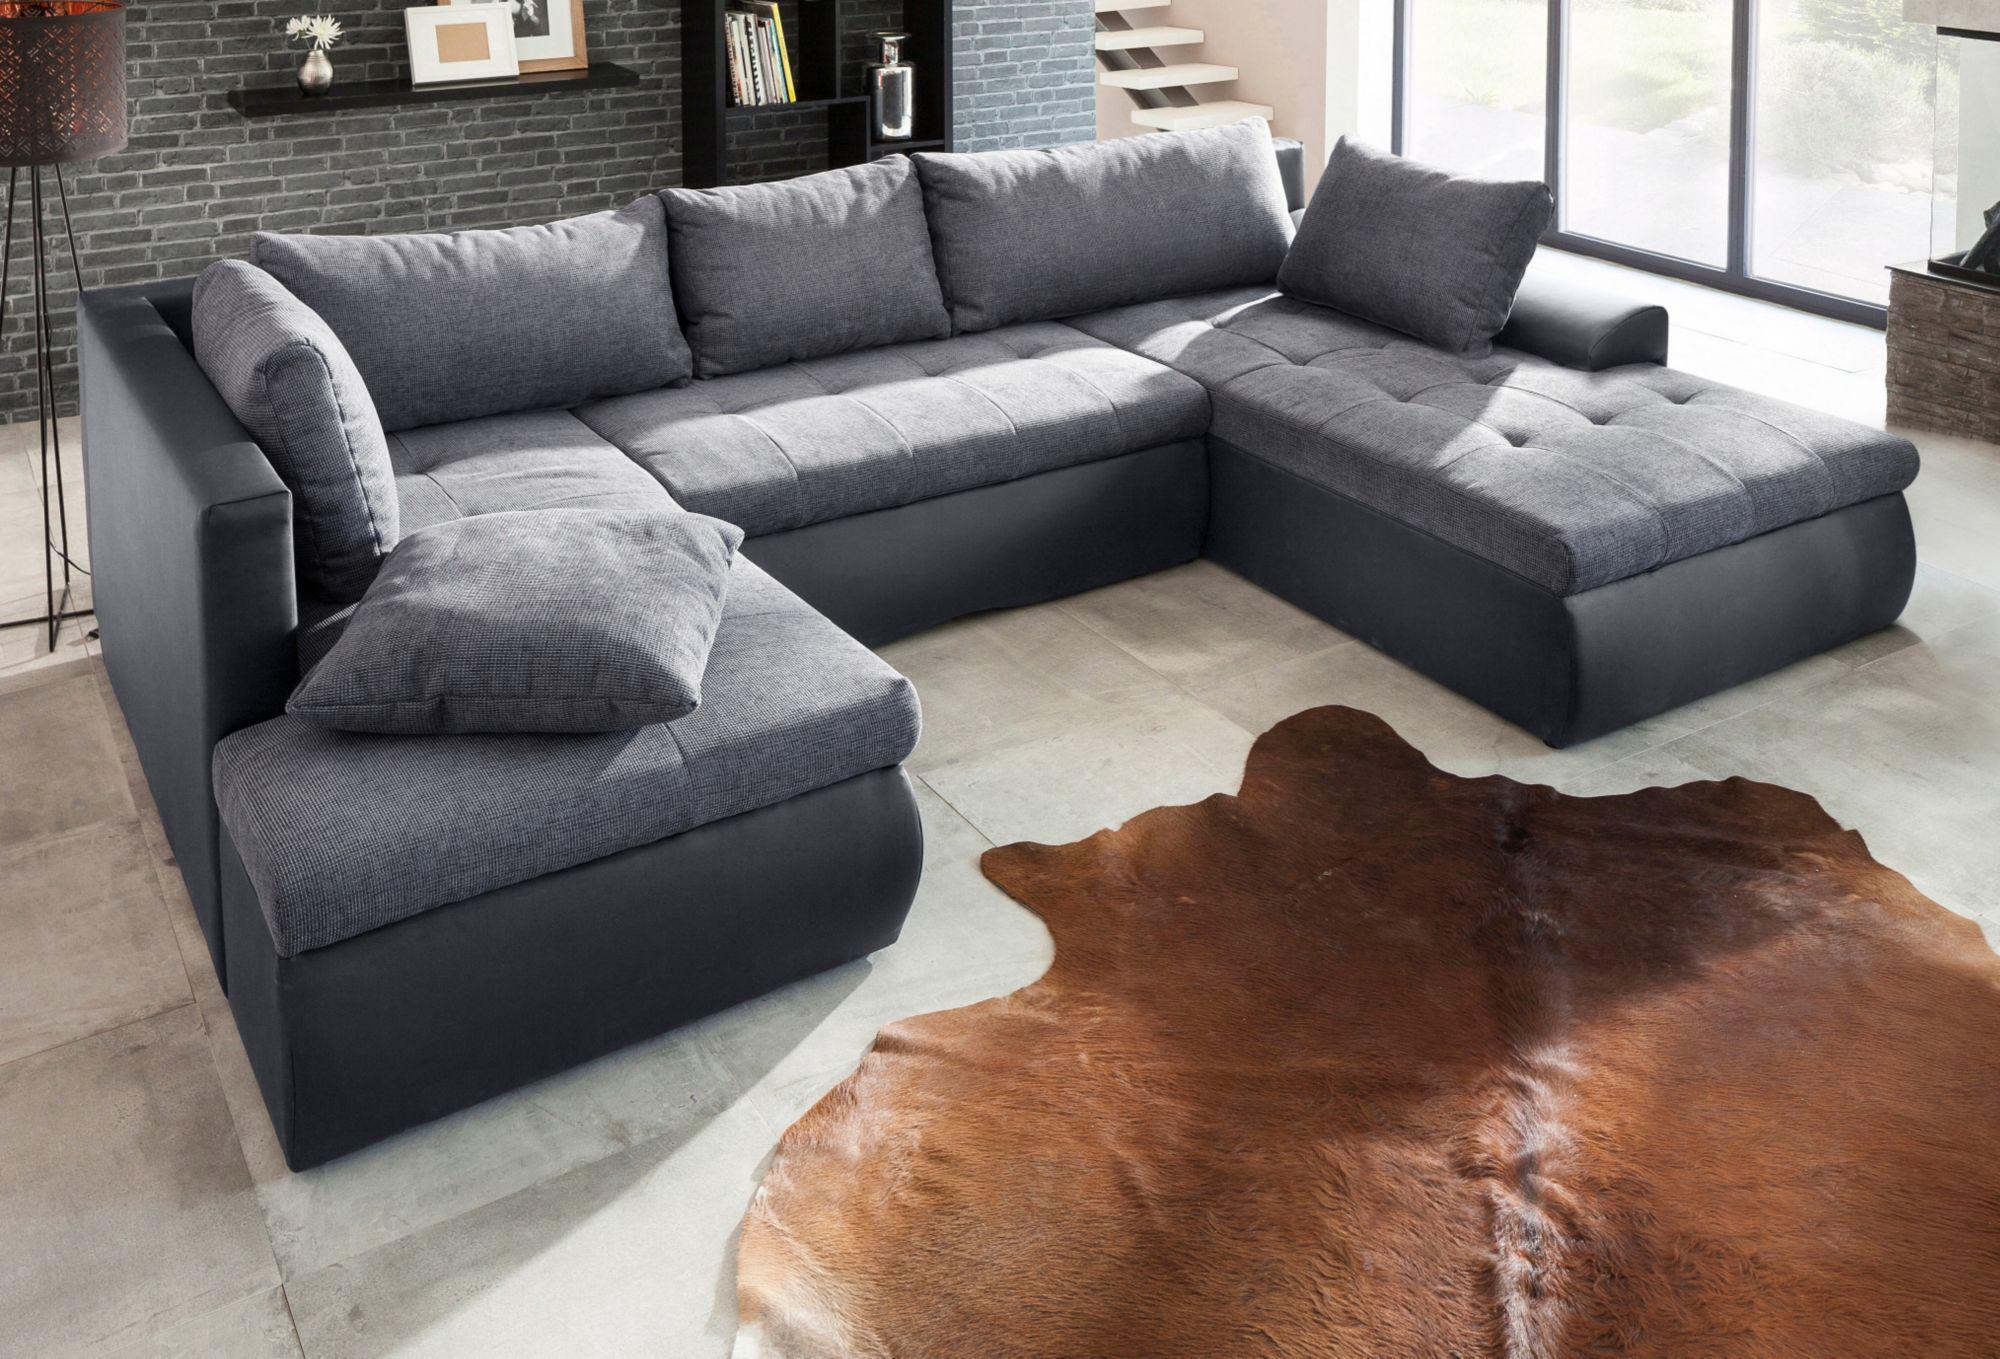 wohnlandschaft bettfunktion g nstig online kaufen beim schwab versand. Black Bedroom Furniture Sets. Home Design Ideas